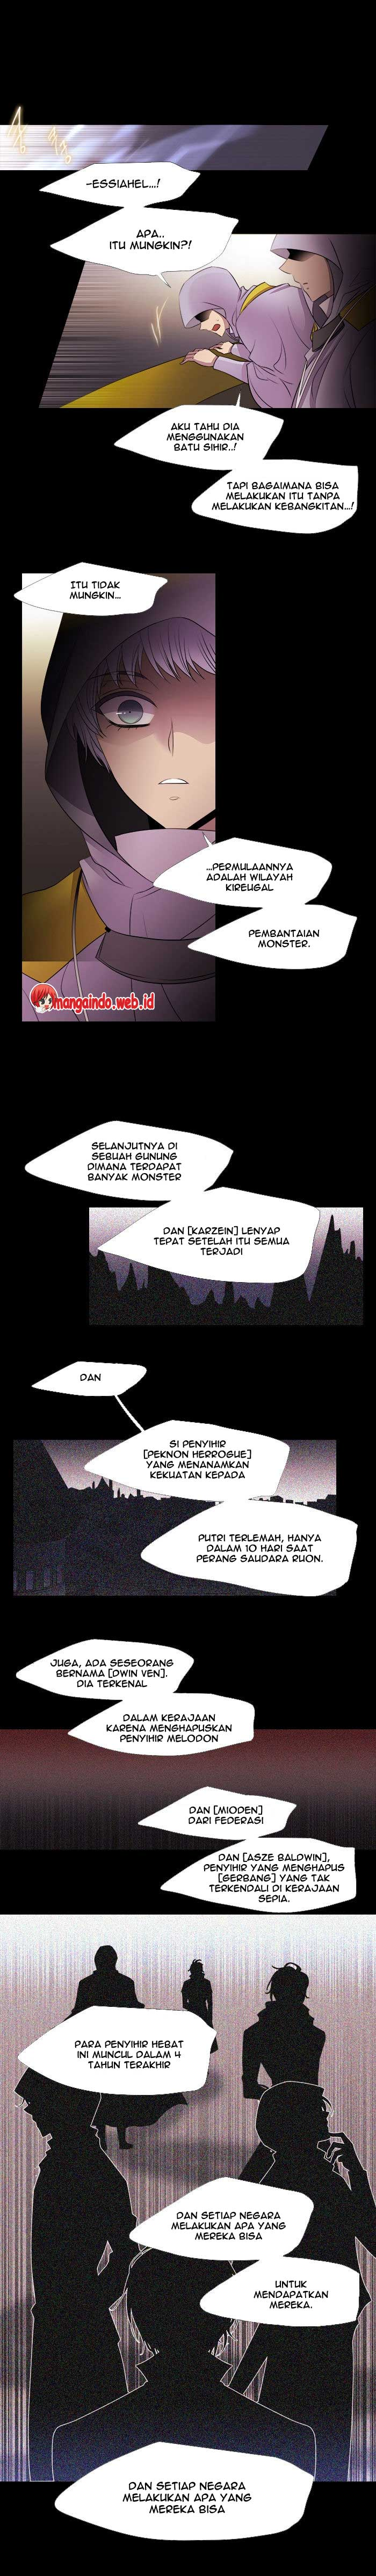 Dilarang COPAS - situs resmi www.mangacanblog.com - Komik black haze 214 - chapter 124 215 Indonesia black haze 214 - chapter 124 Terbaru 11|Baca Manga Komik Indonesia|Mangacan